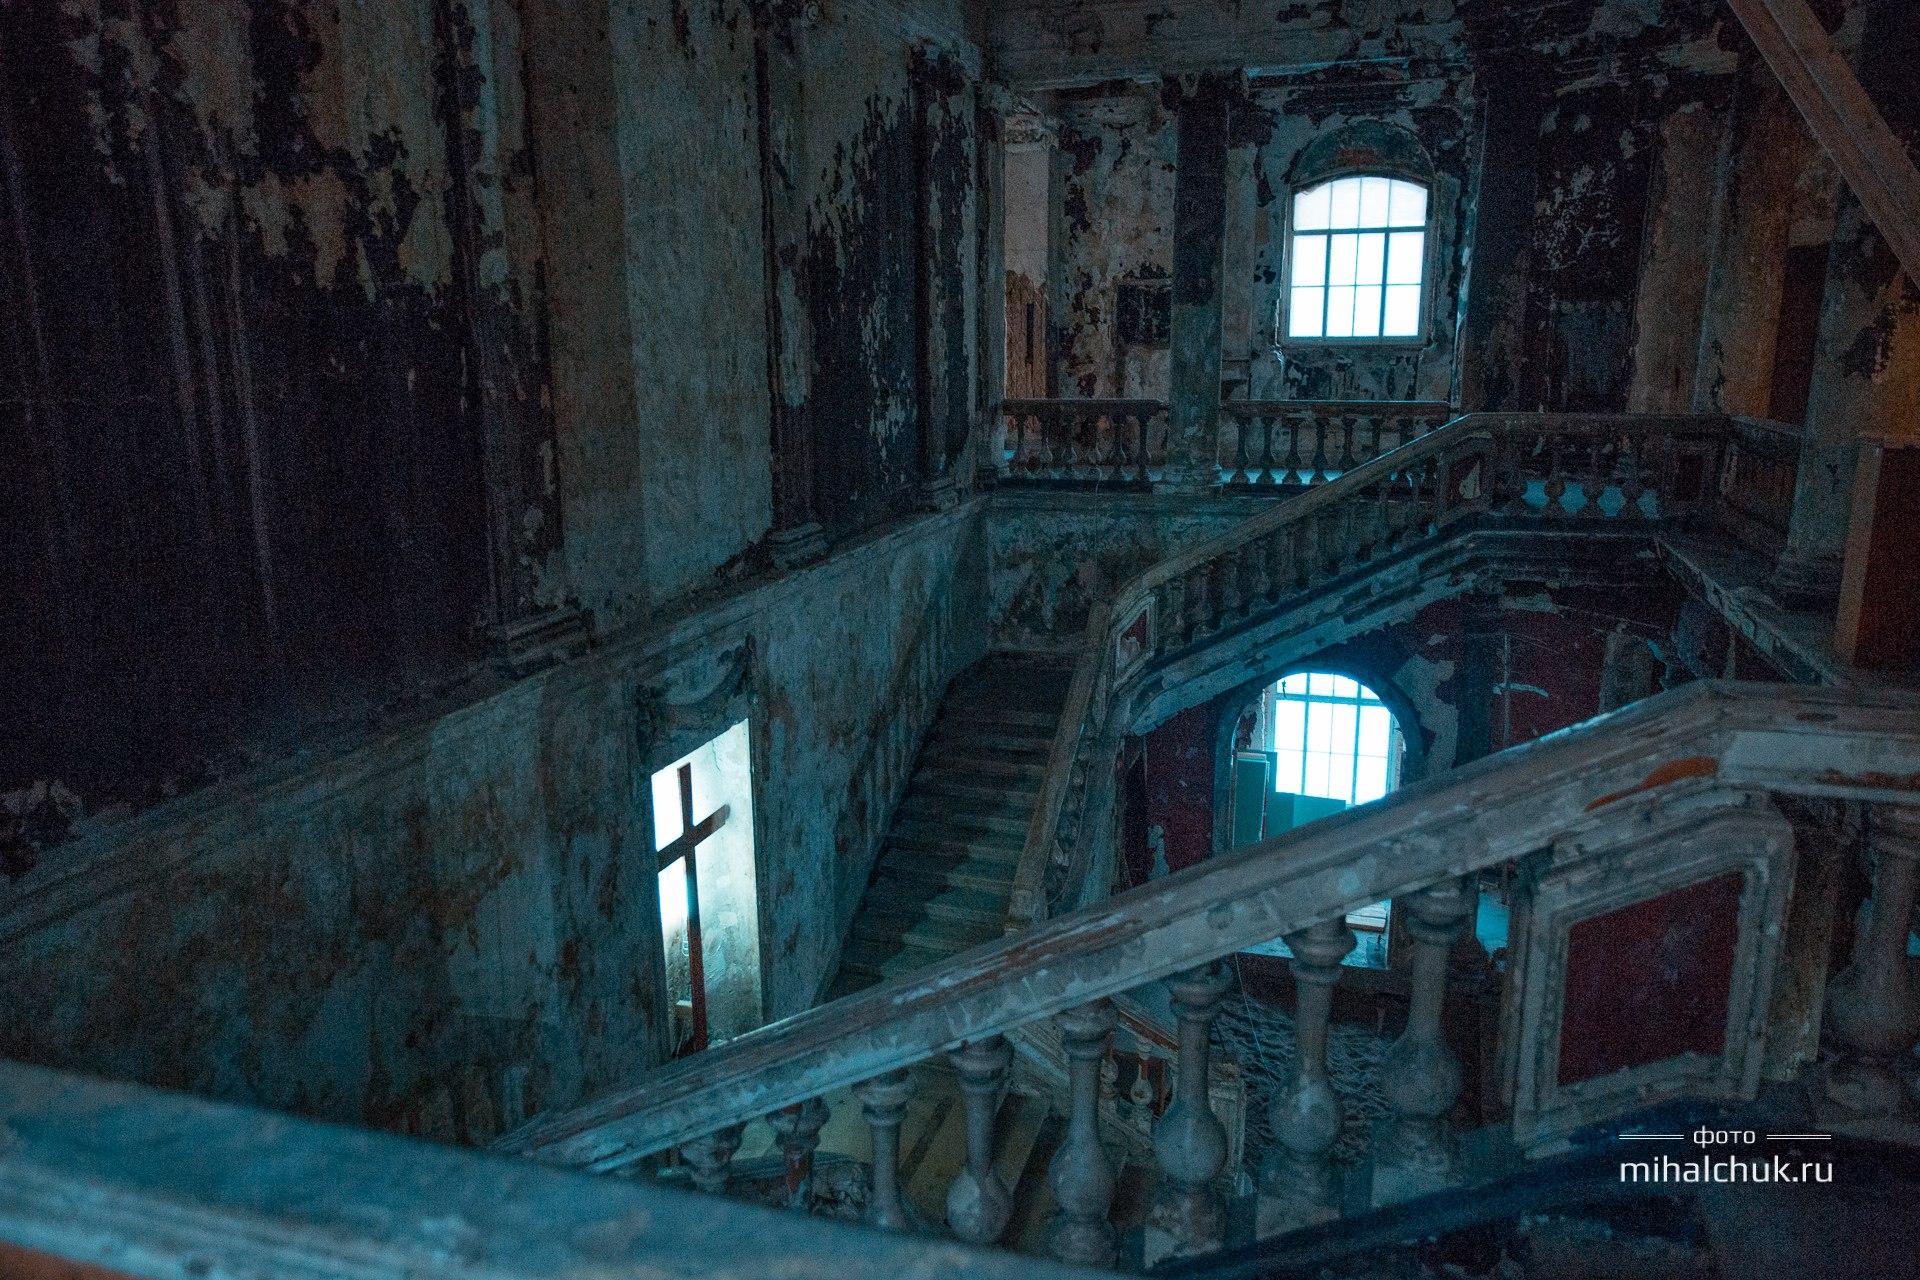 Интересное место для съемок в Питере — Церковь Святой Анны